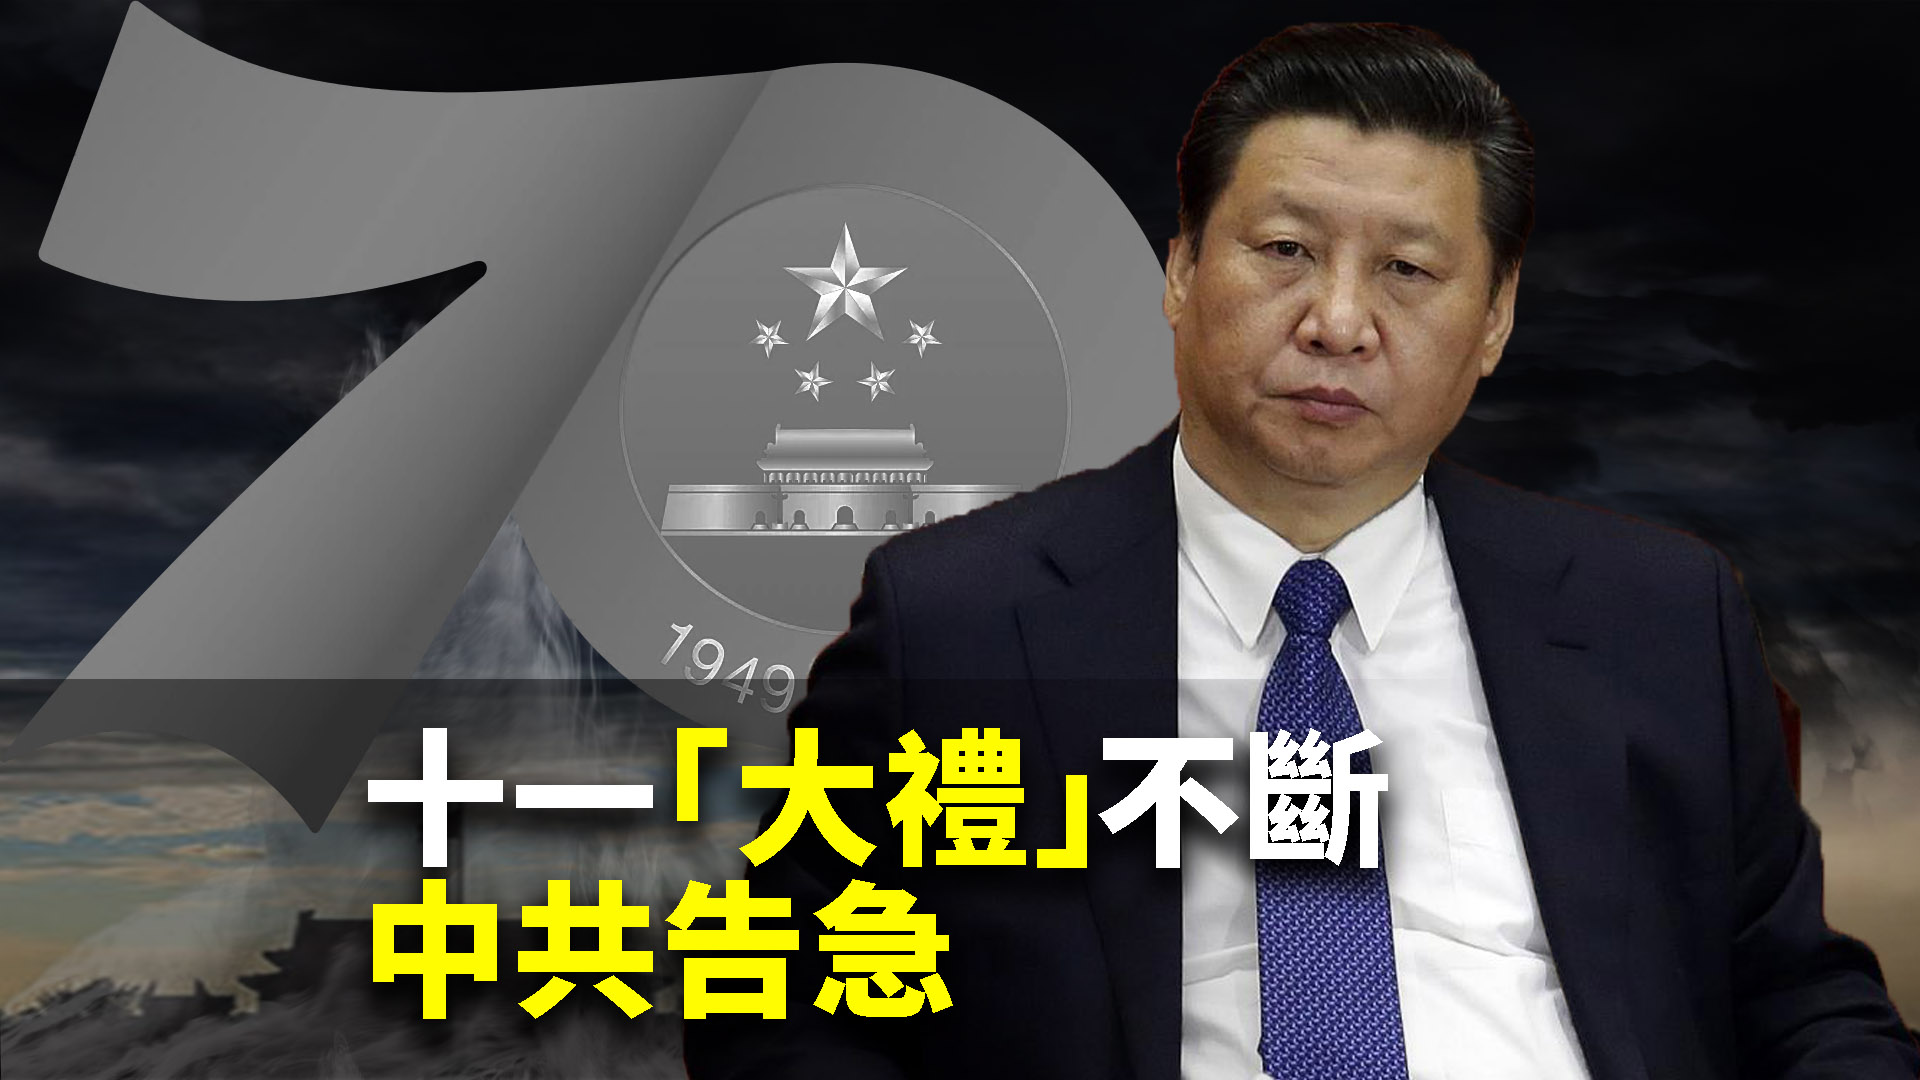 【十字路口】十一「大禮」連連 中共政權告急